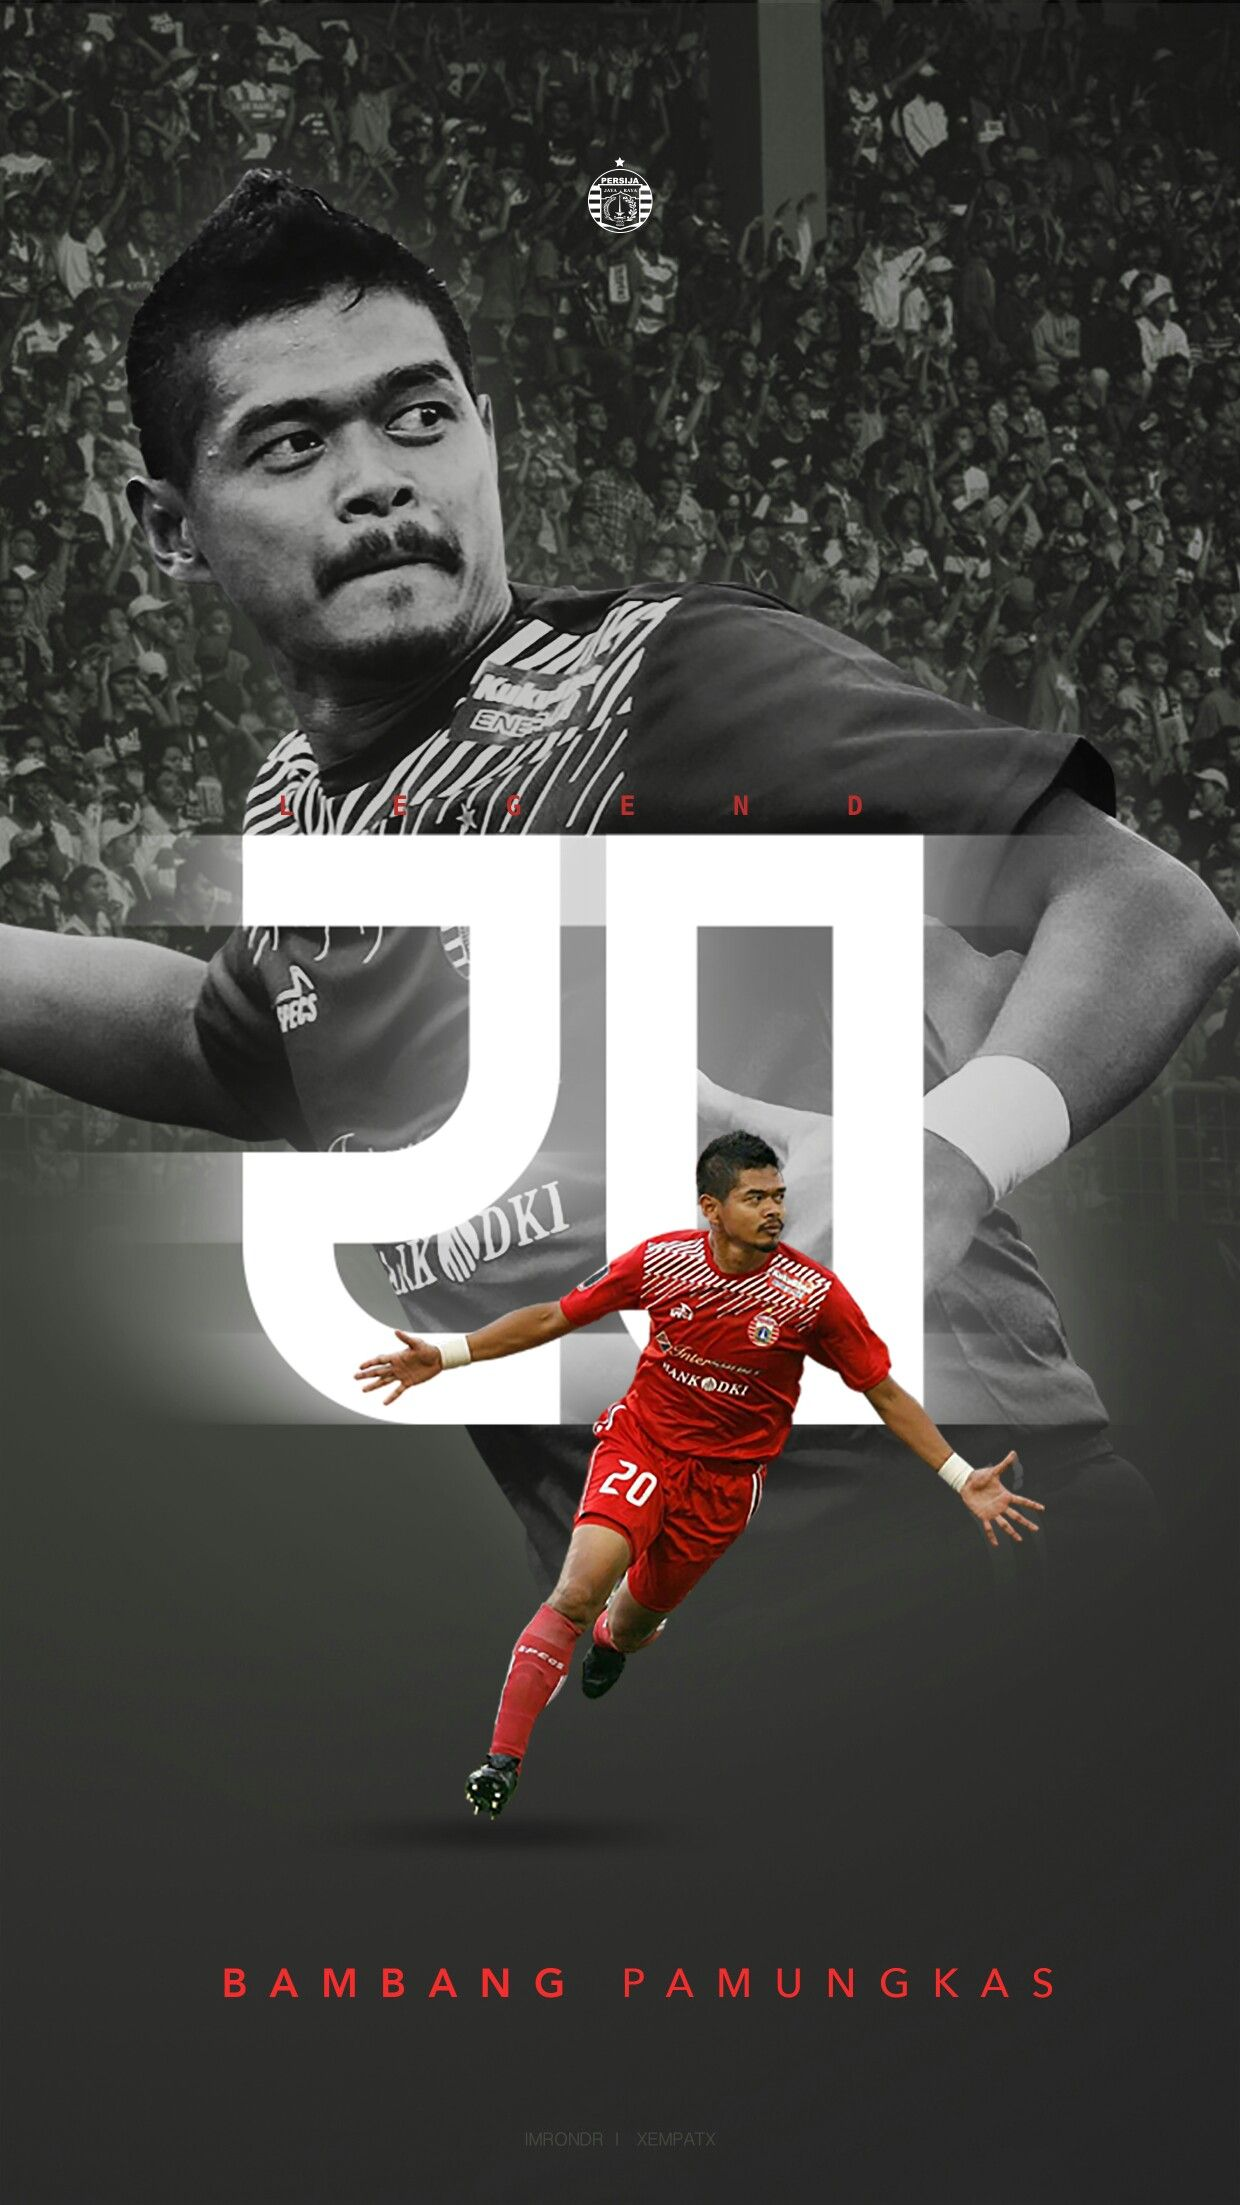 """Persija Jakarta Legenda """"Bambang Pamungkas 20"""""""